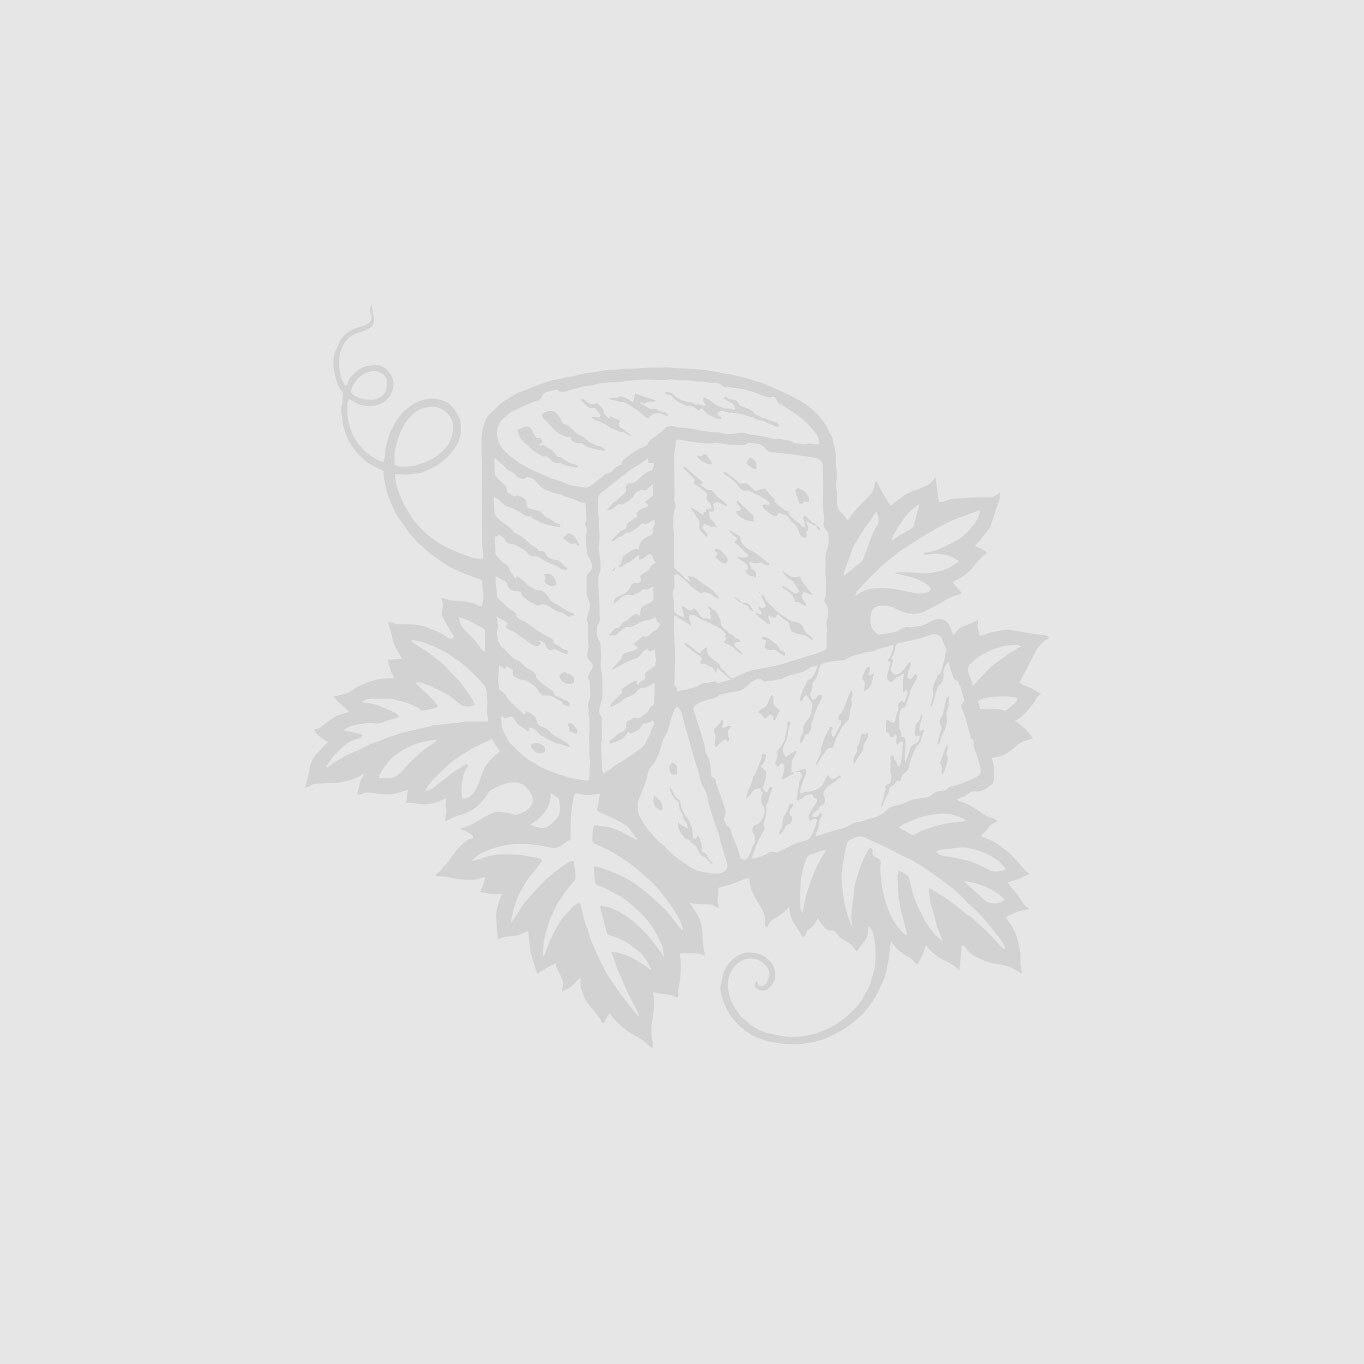 Fleurie 'Poncié' Domaine Patrick Tranchard 2018